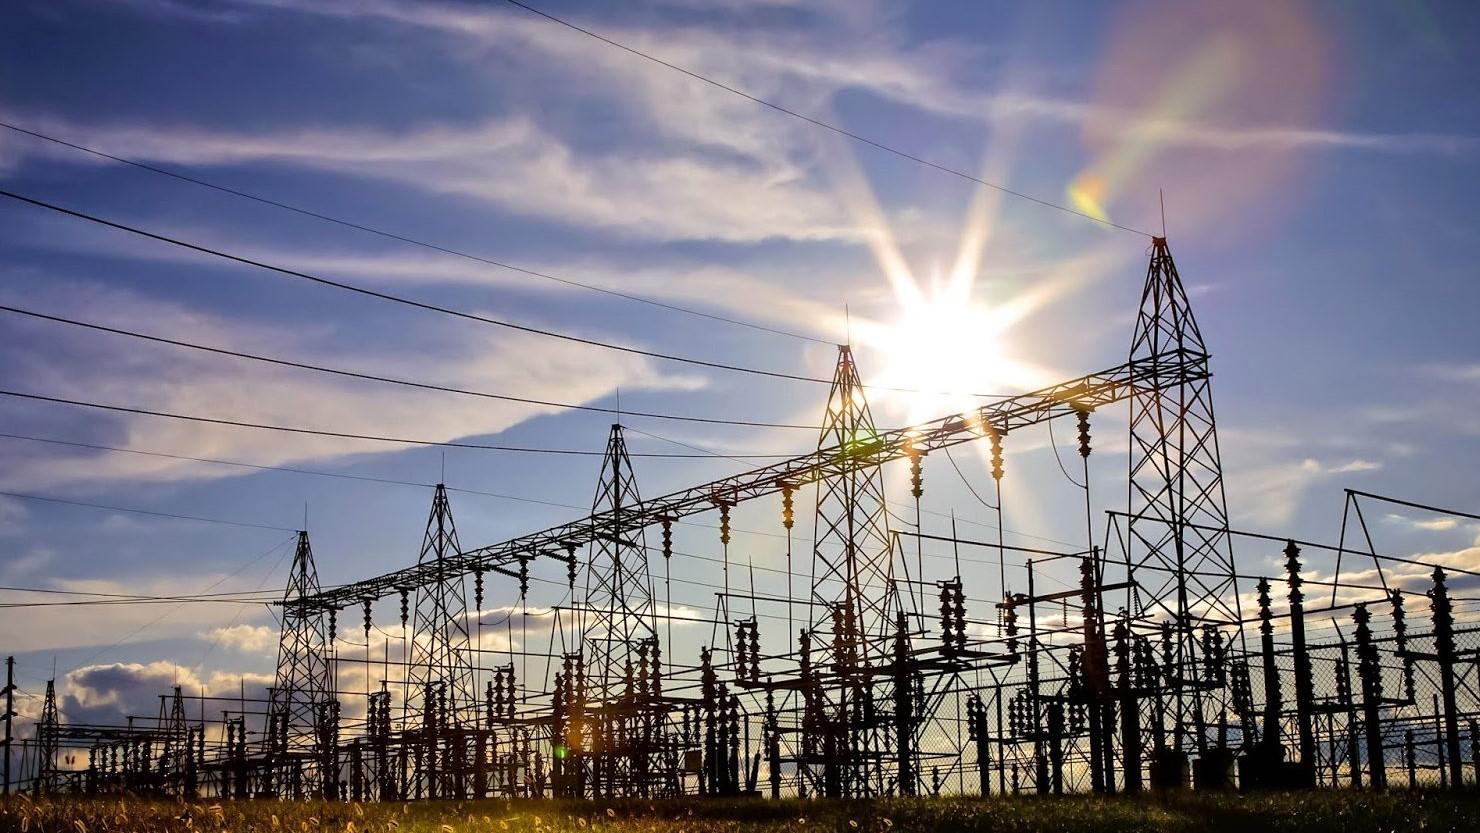 والصيف على الابواب الكهرباء مفقودة والاموال مسروقة !